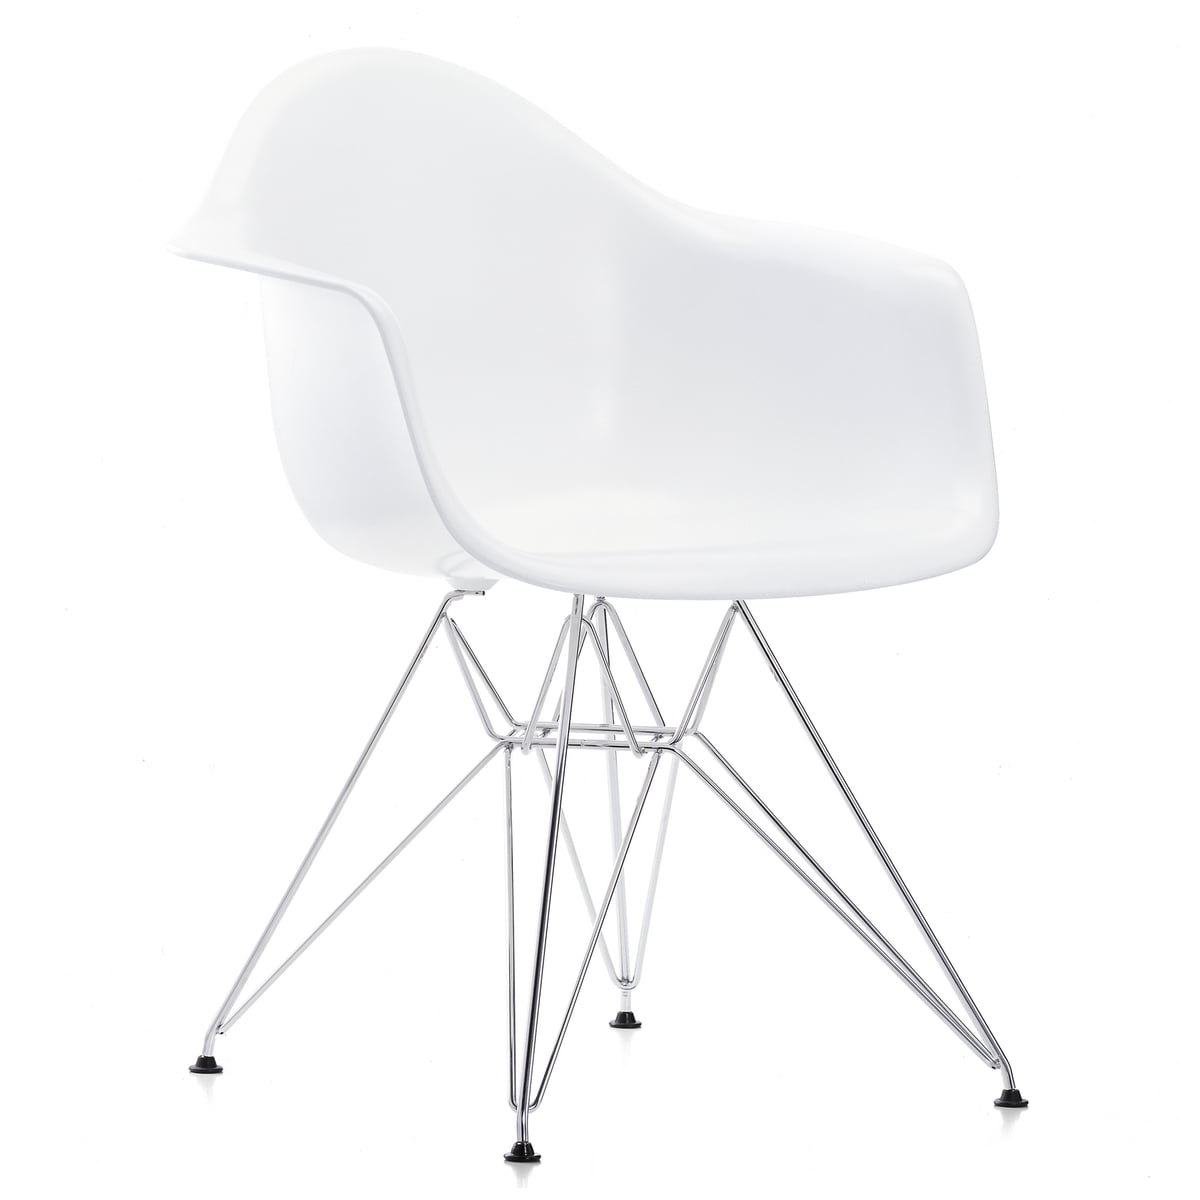 Comment Nettoyer Des Chaises En Plastique Blanc vitra - action set eames fauteuil en plastique dar ensemble 4 pièces,  chromé / blanc (patins en feutre noir)